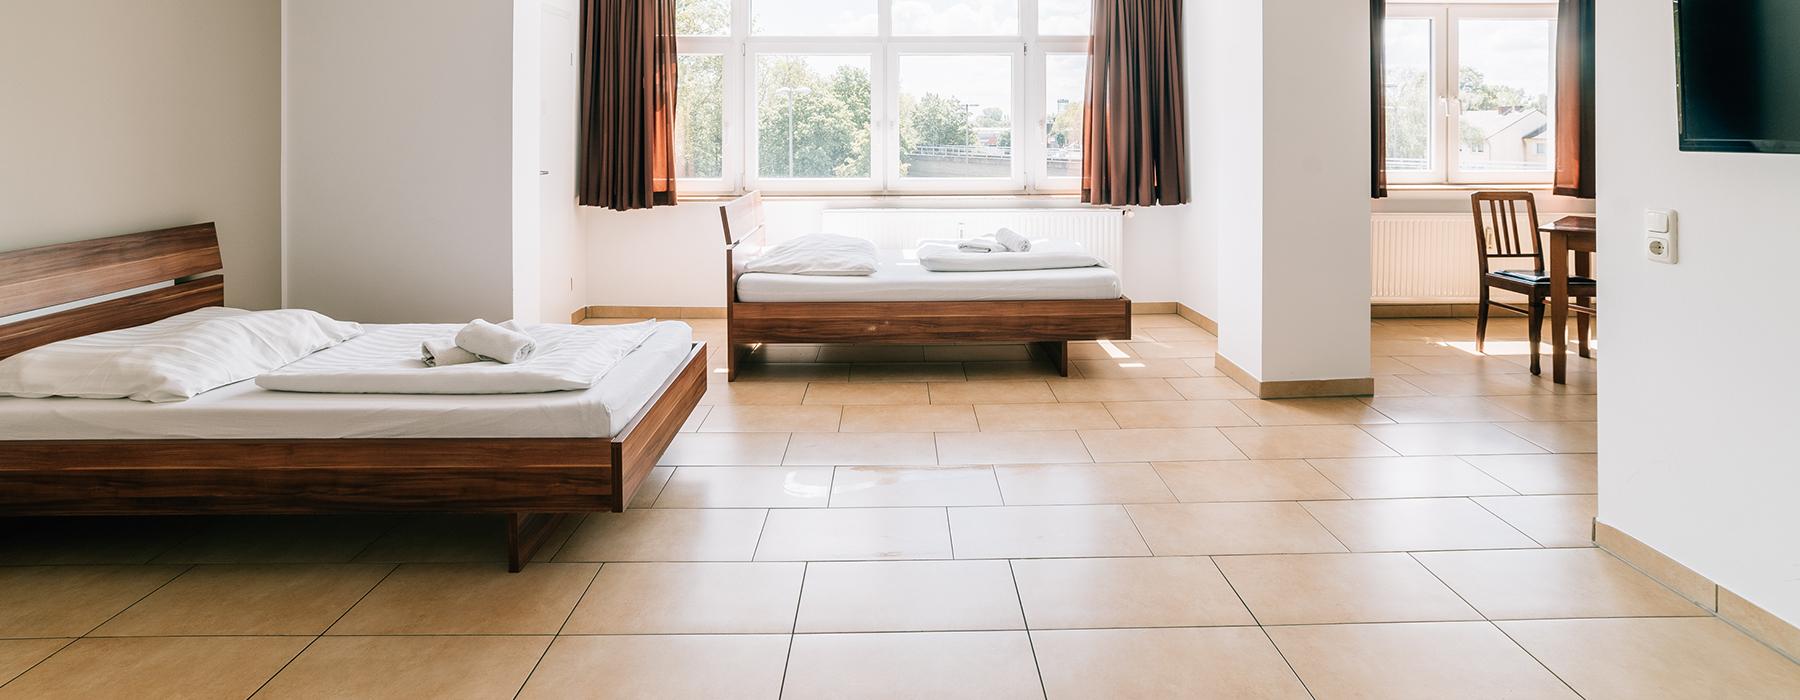 Easy Tarif Messezimmer und möbilierte Wohnung mieten Köln